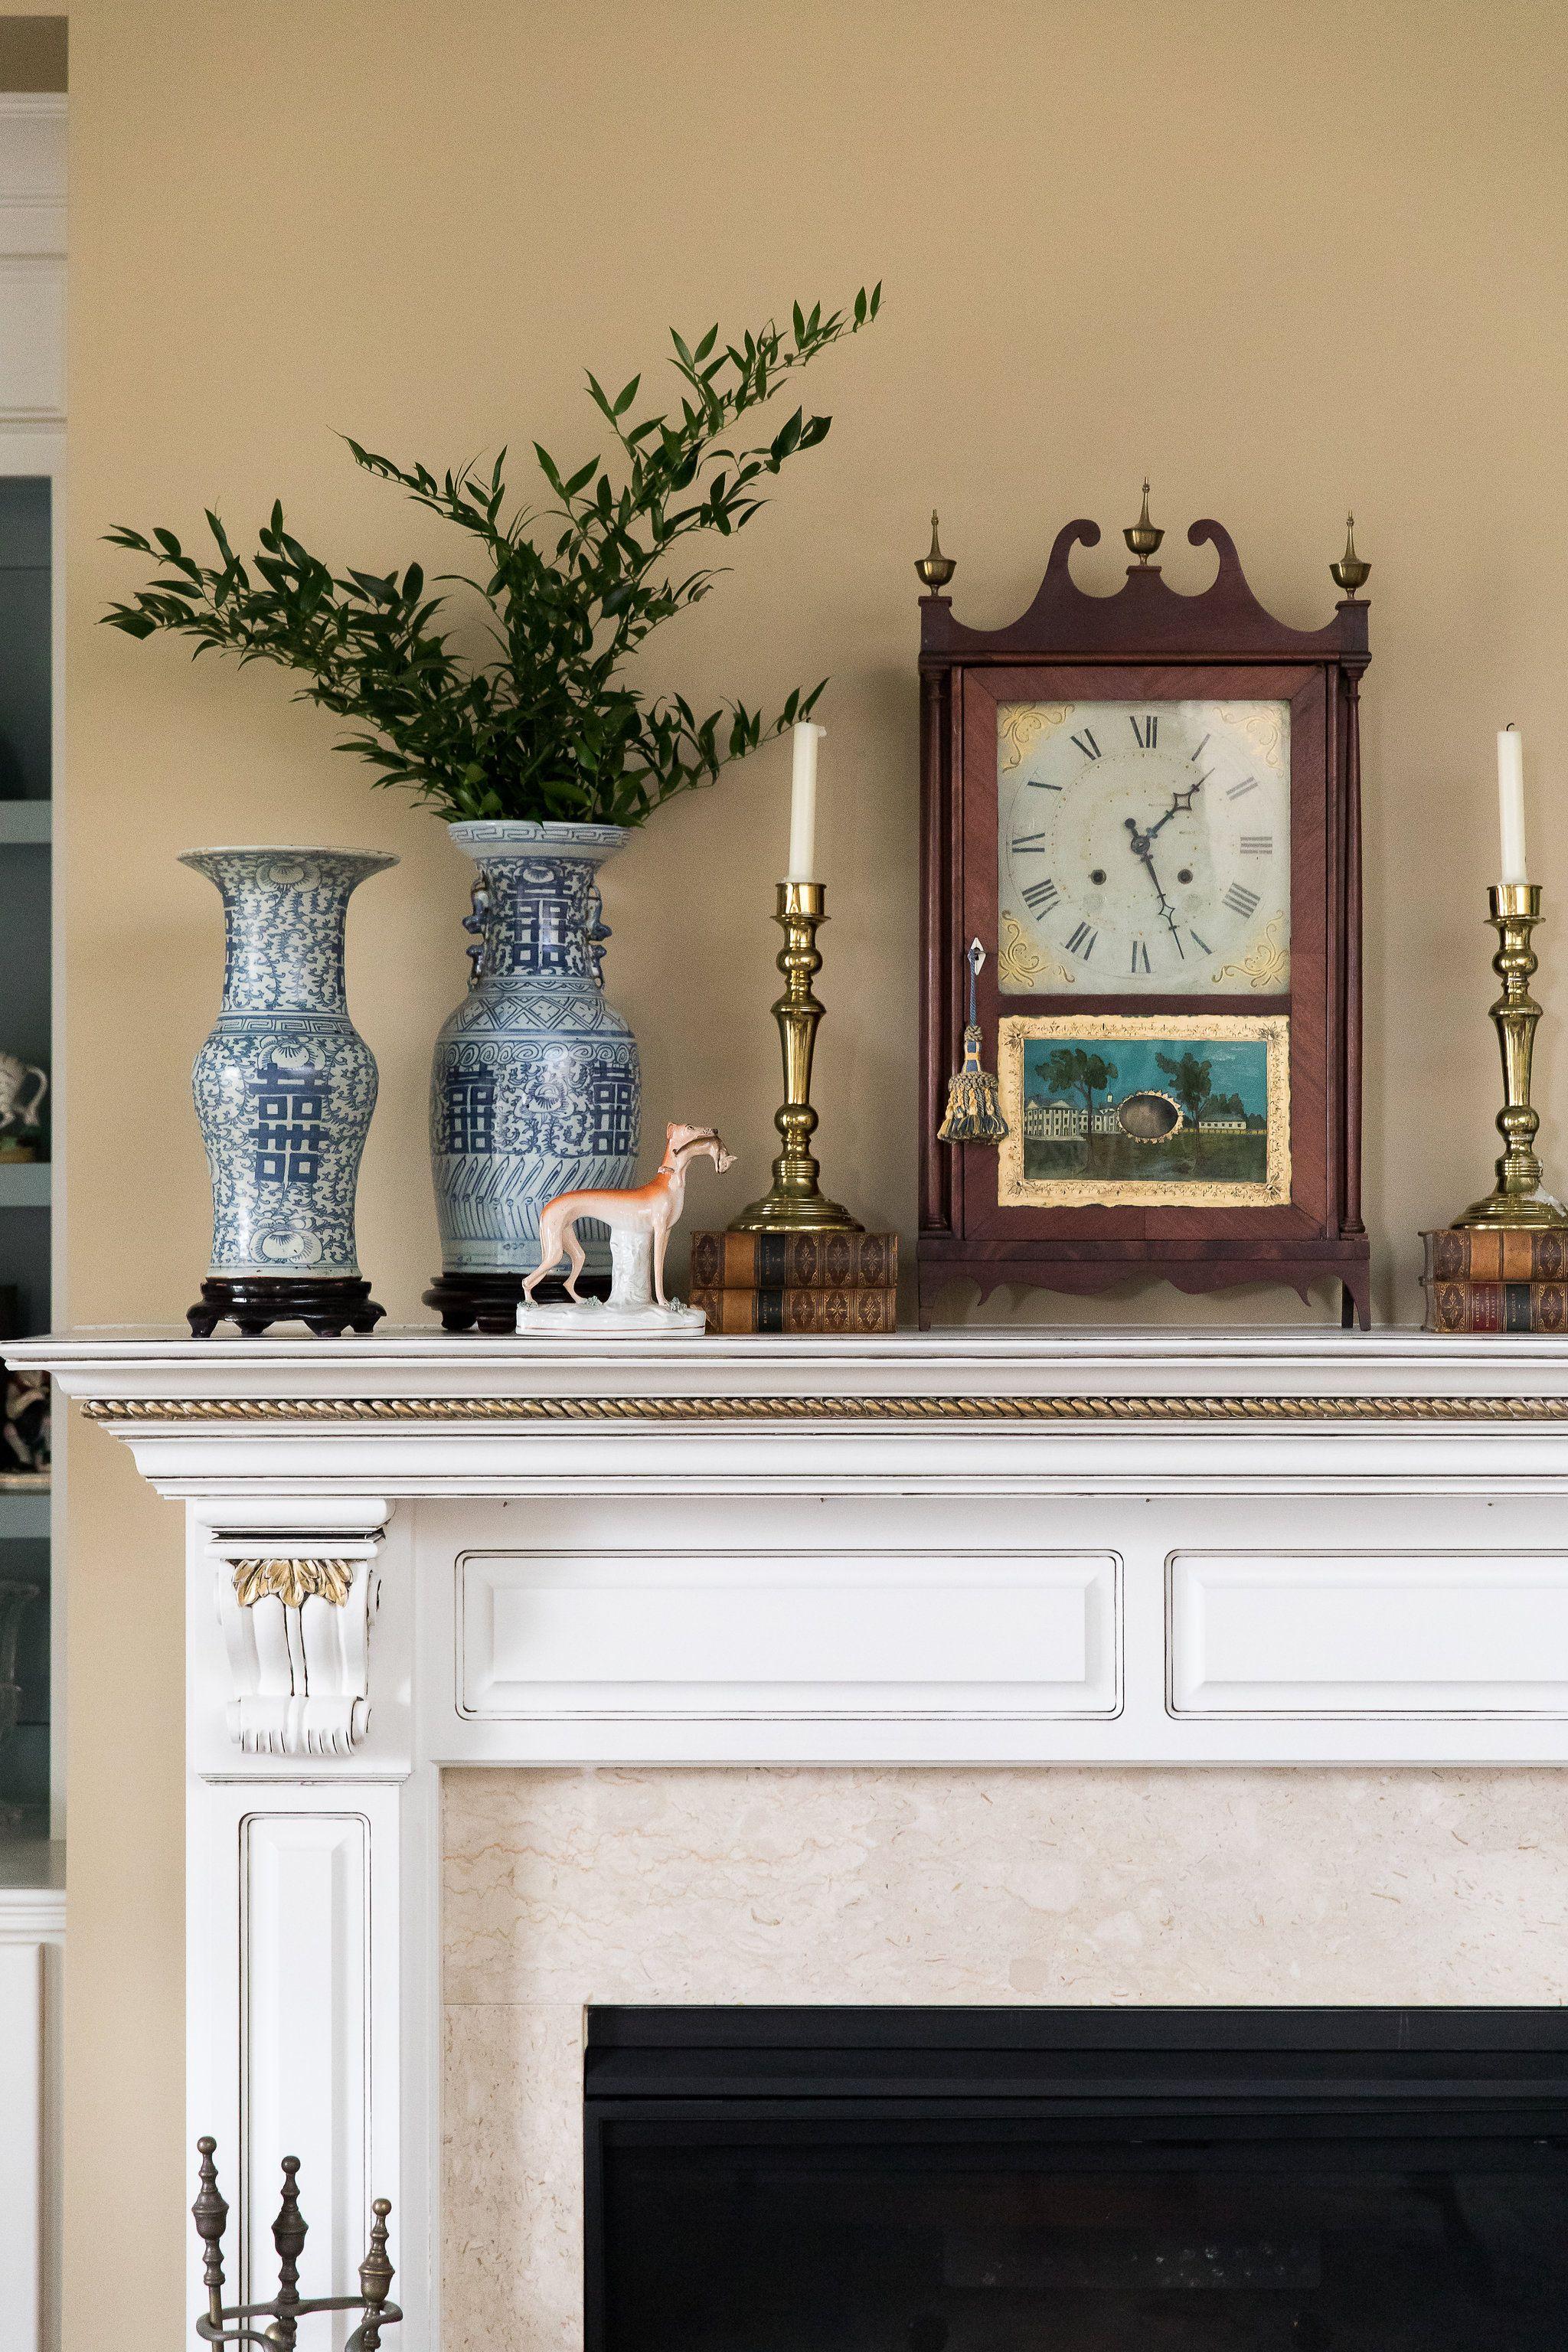 Interiordesign Homedecor Southernstyle Interiordesign